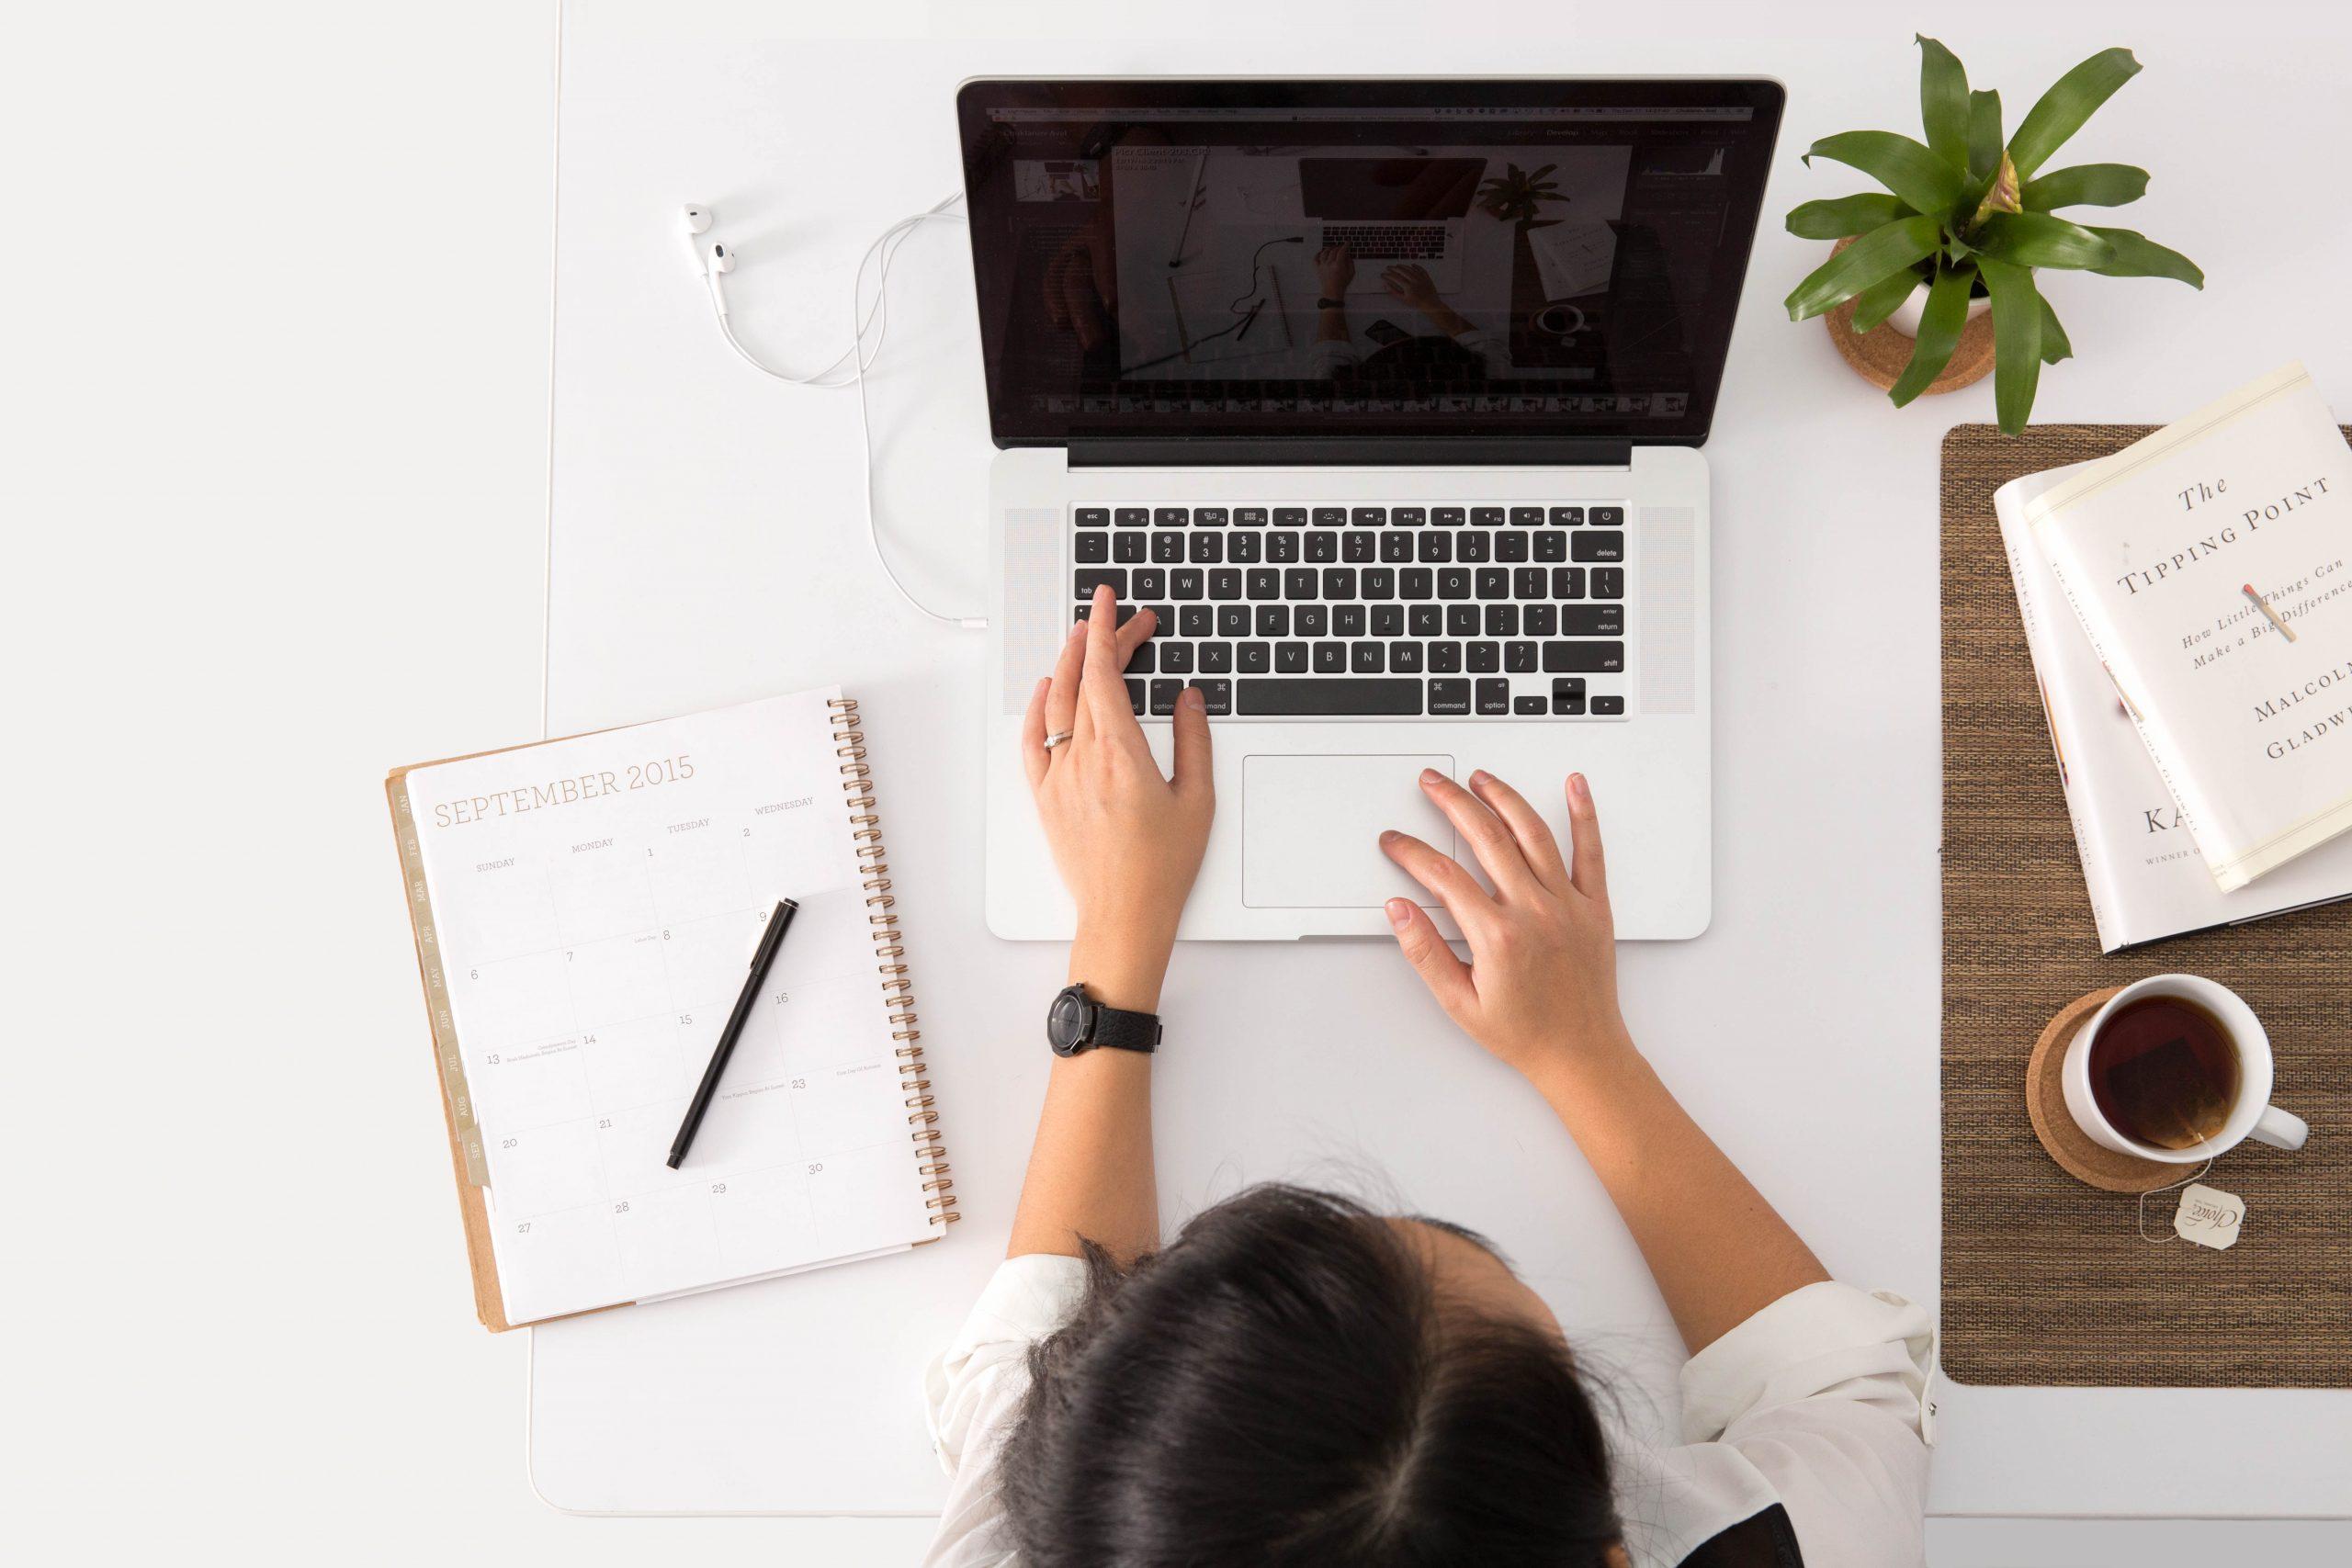 7-dnevni mastermind program održava online